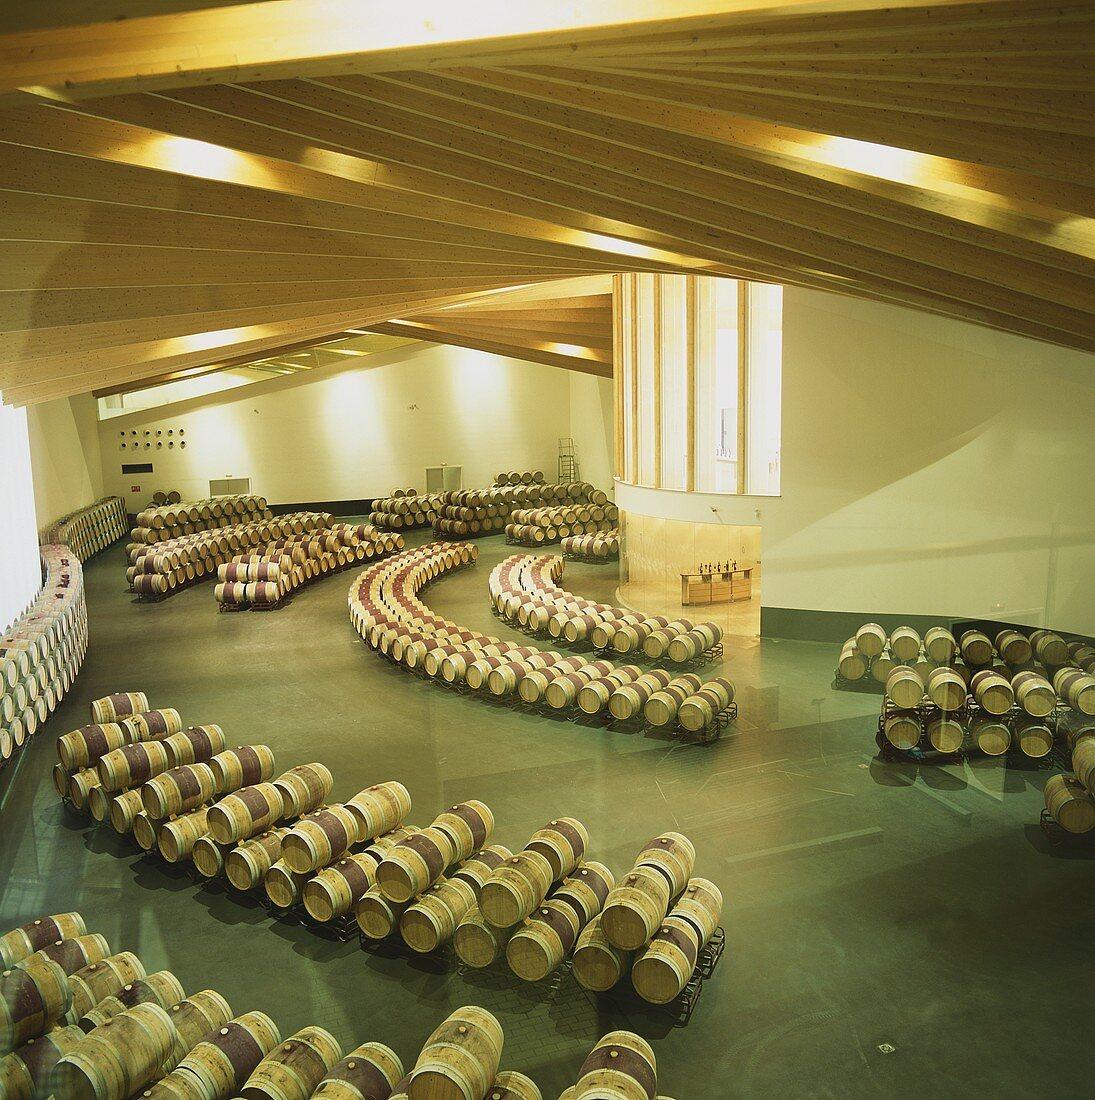 Wine cellar of Bodega Ysios, Laguardia, Rioja, Spain